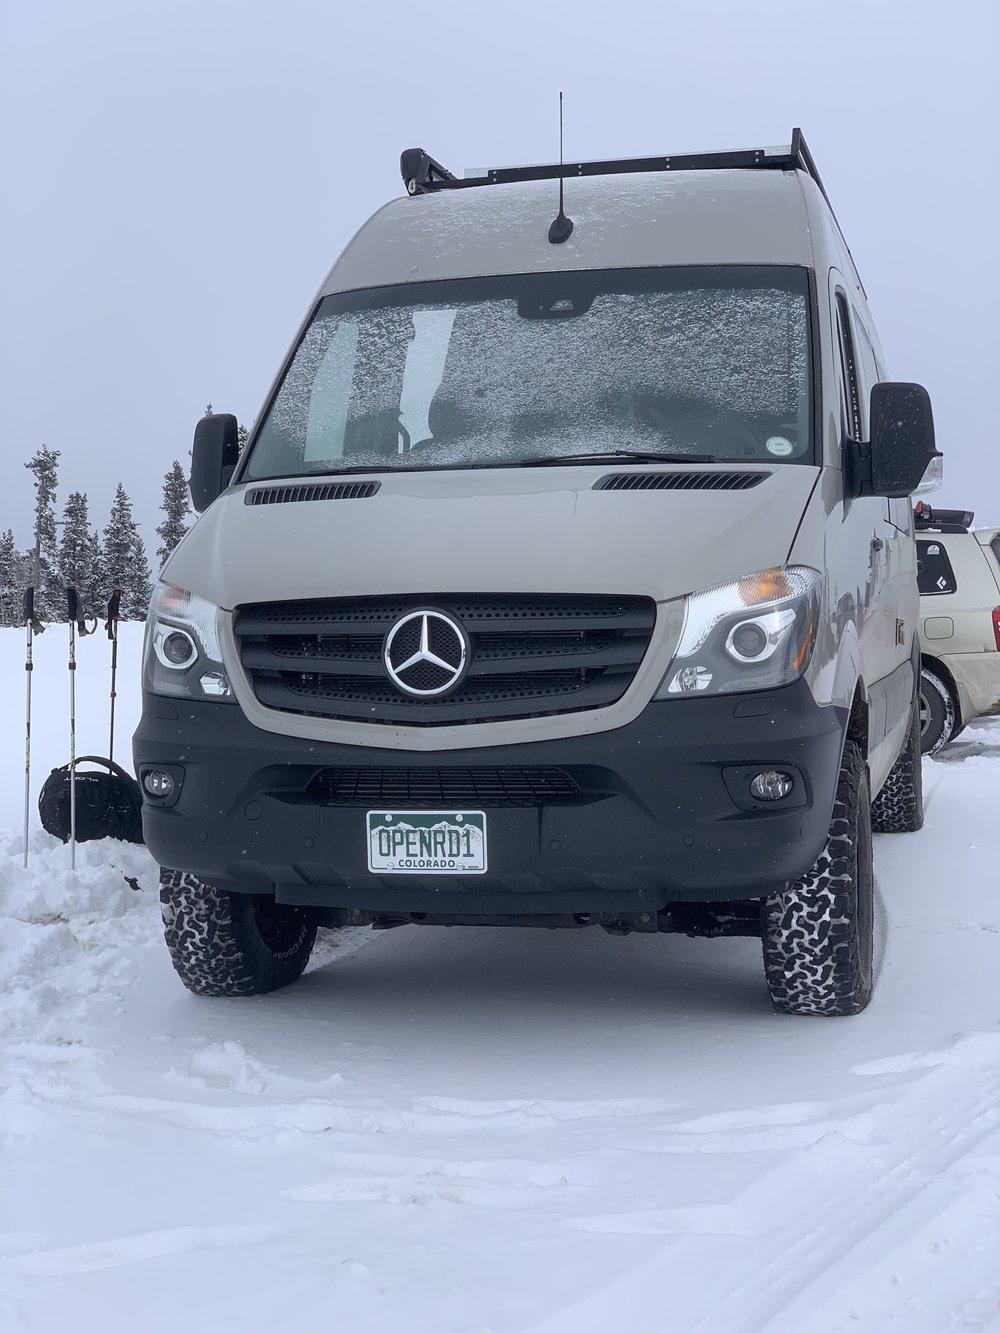 Snow isn't a problem!